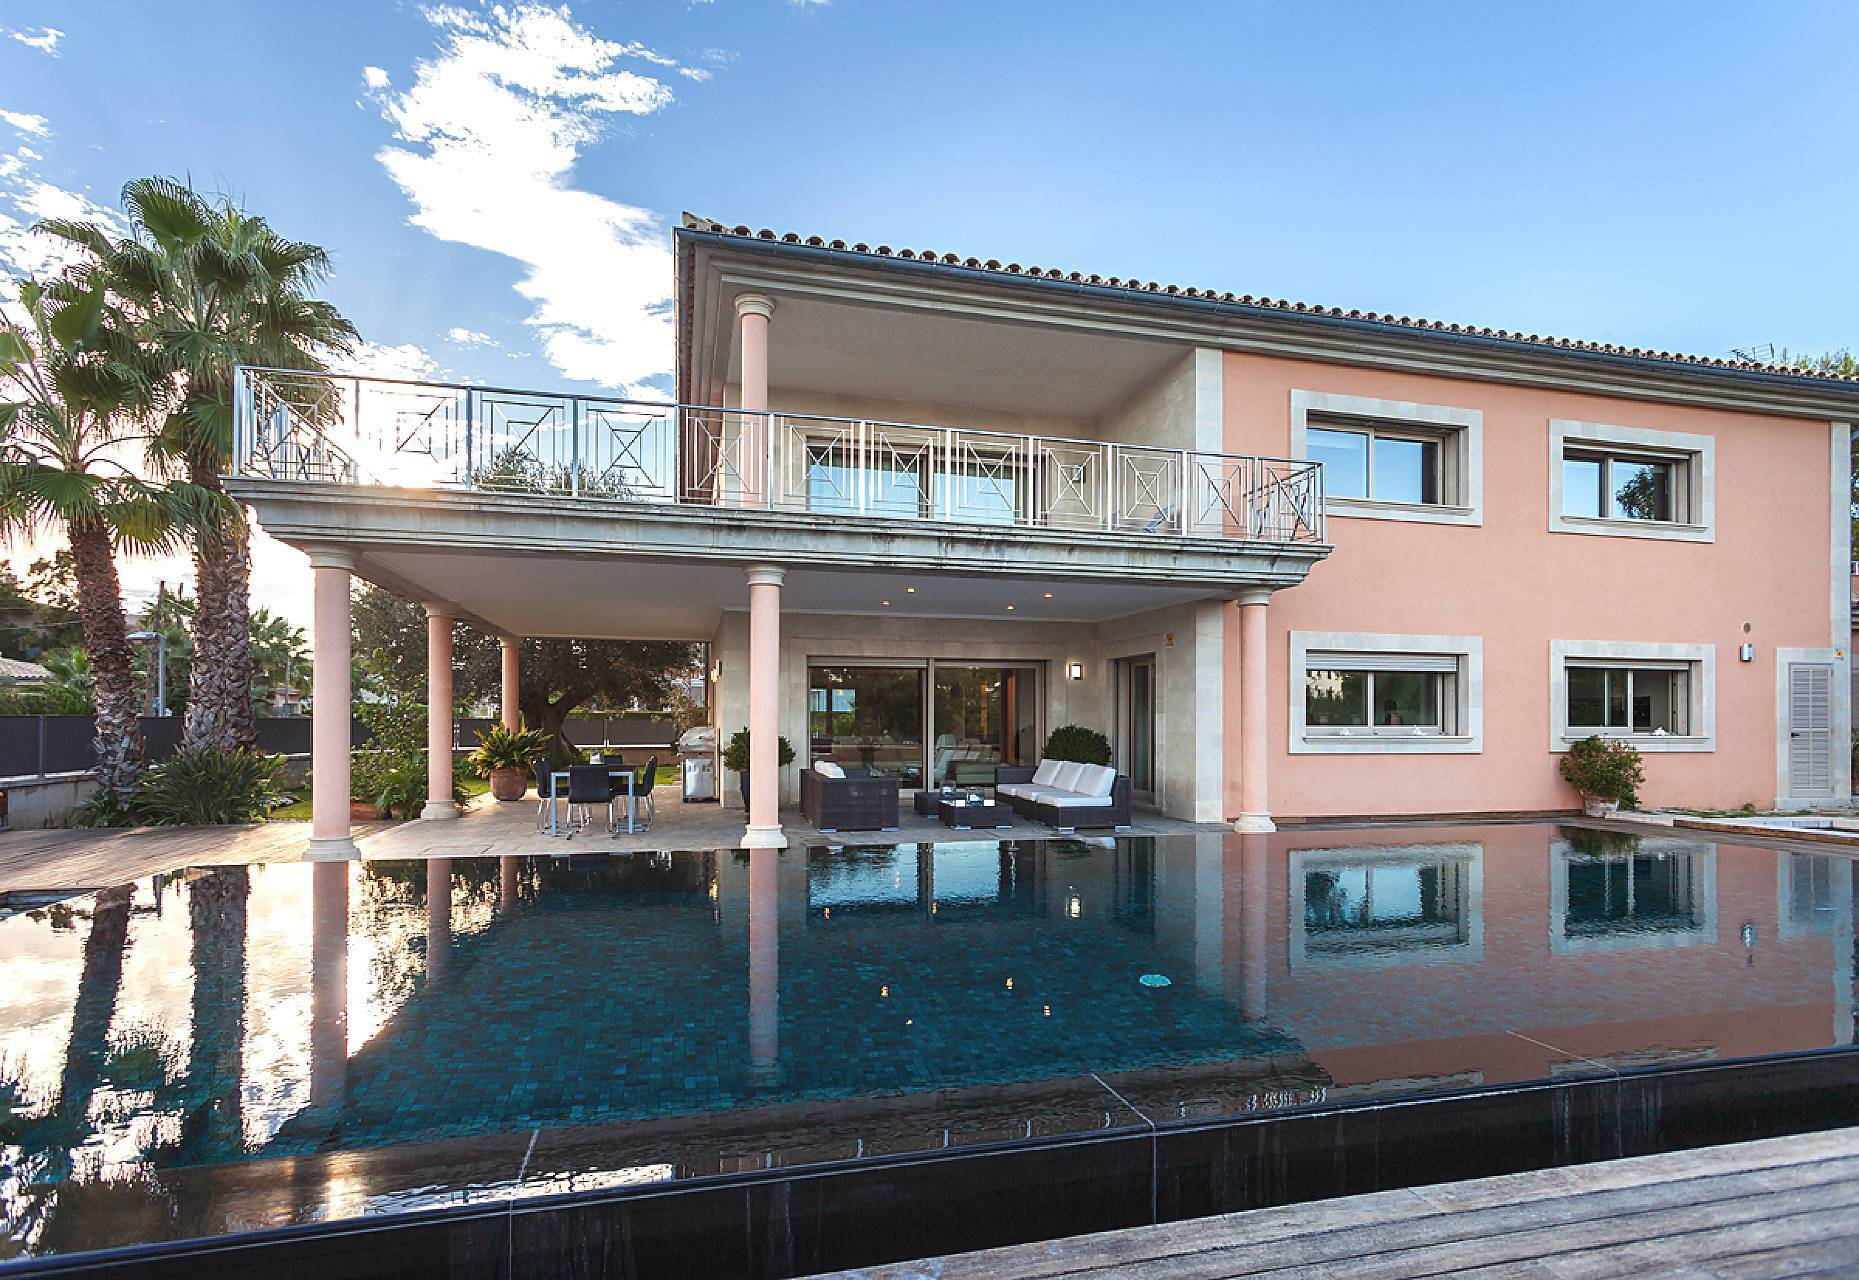 01-112 Moderne Villa Mallorca Norden Bild 4